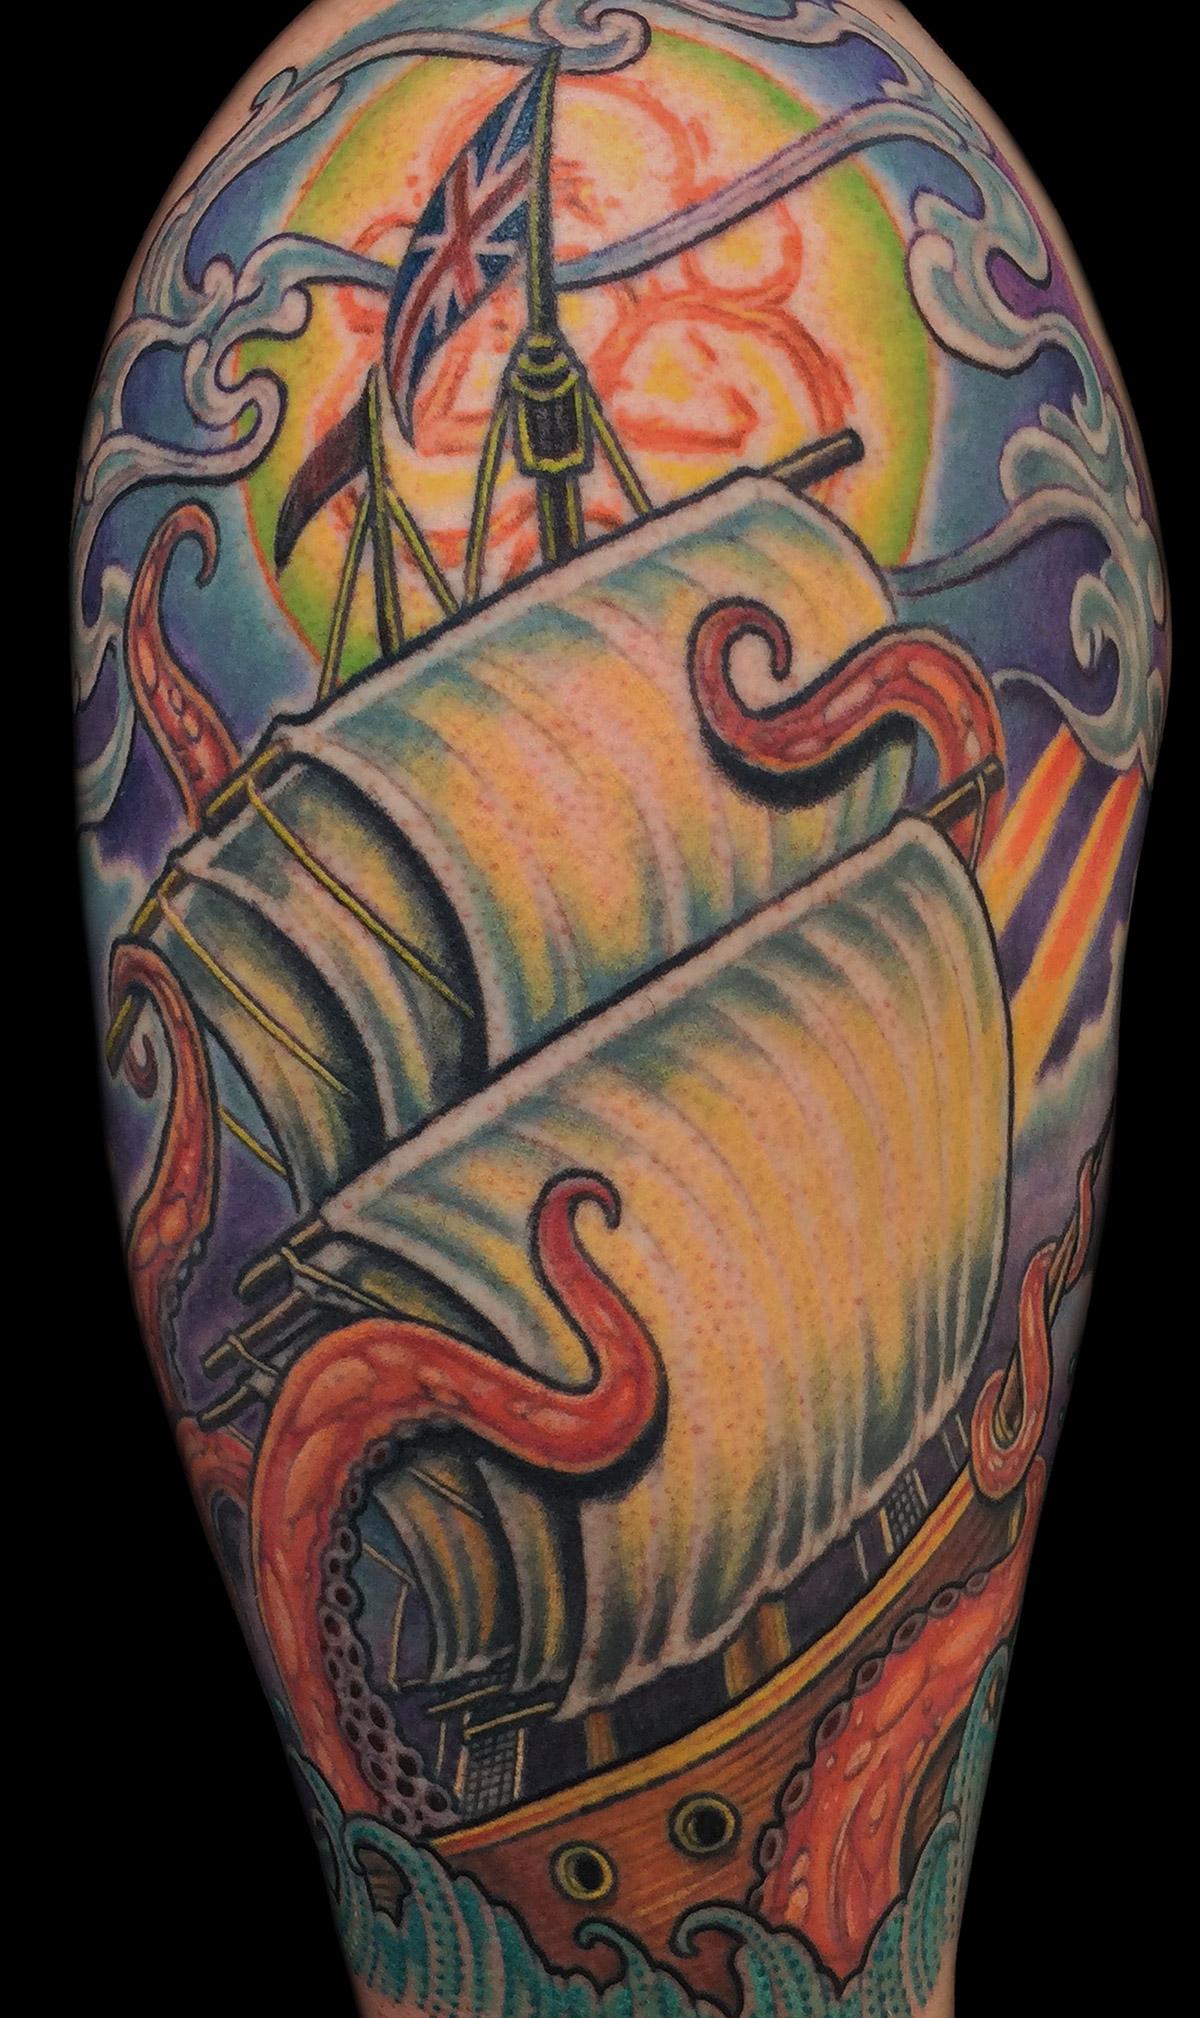 brett-herman-tattoo-005.jpg